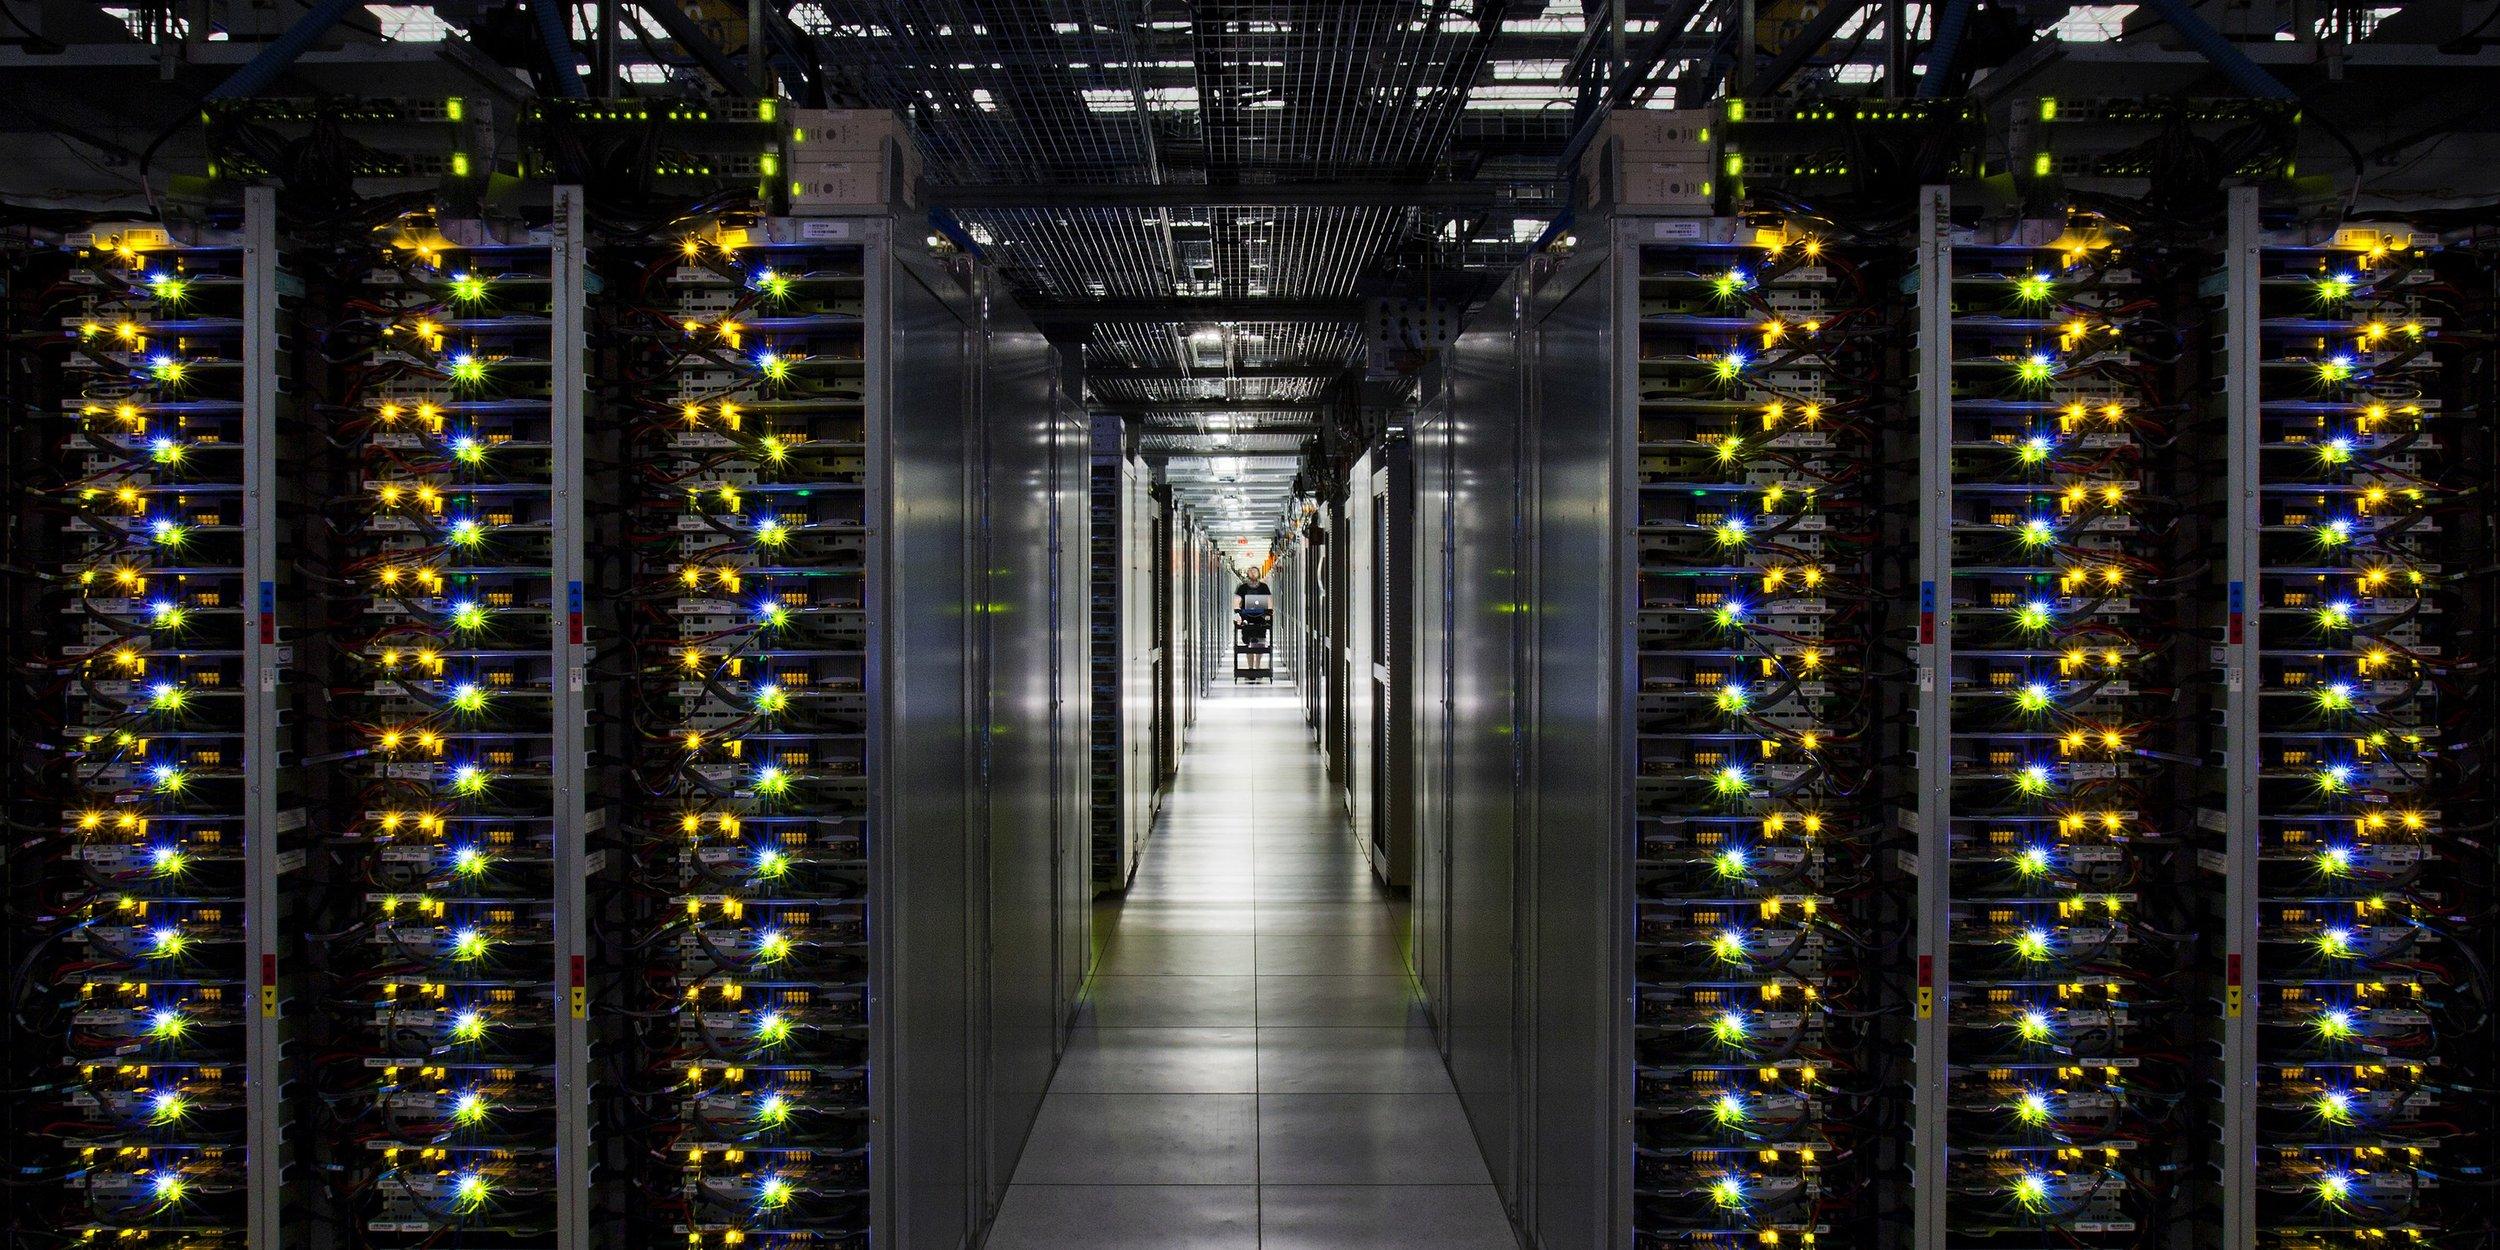 Data center - Google